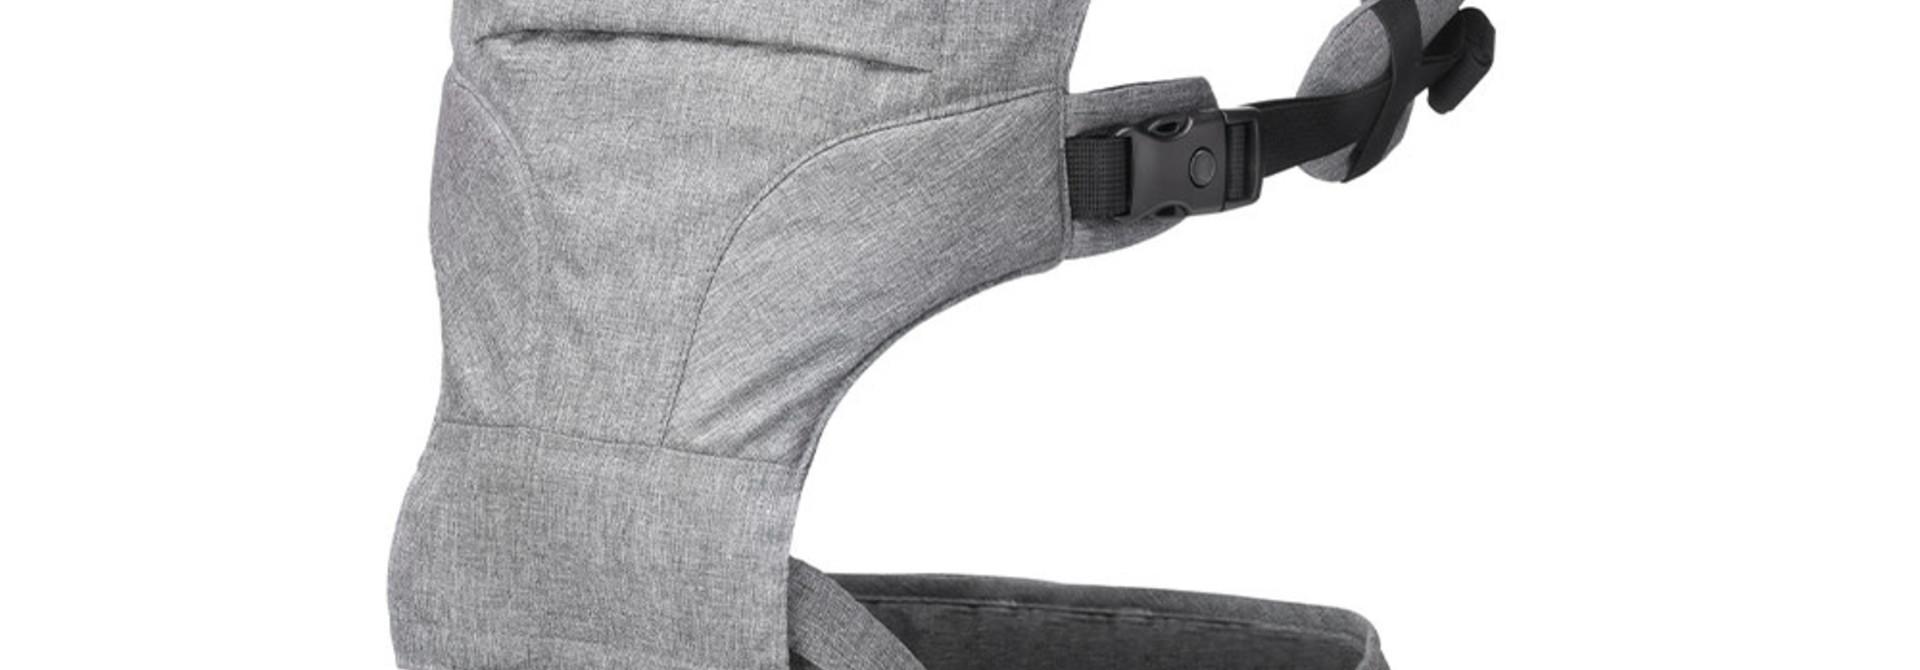 Porte bébé siège de hanche 2 en 1 - Gris